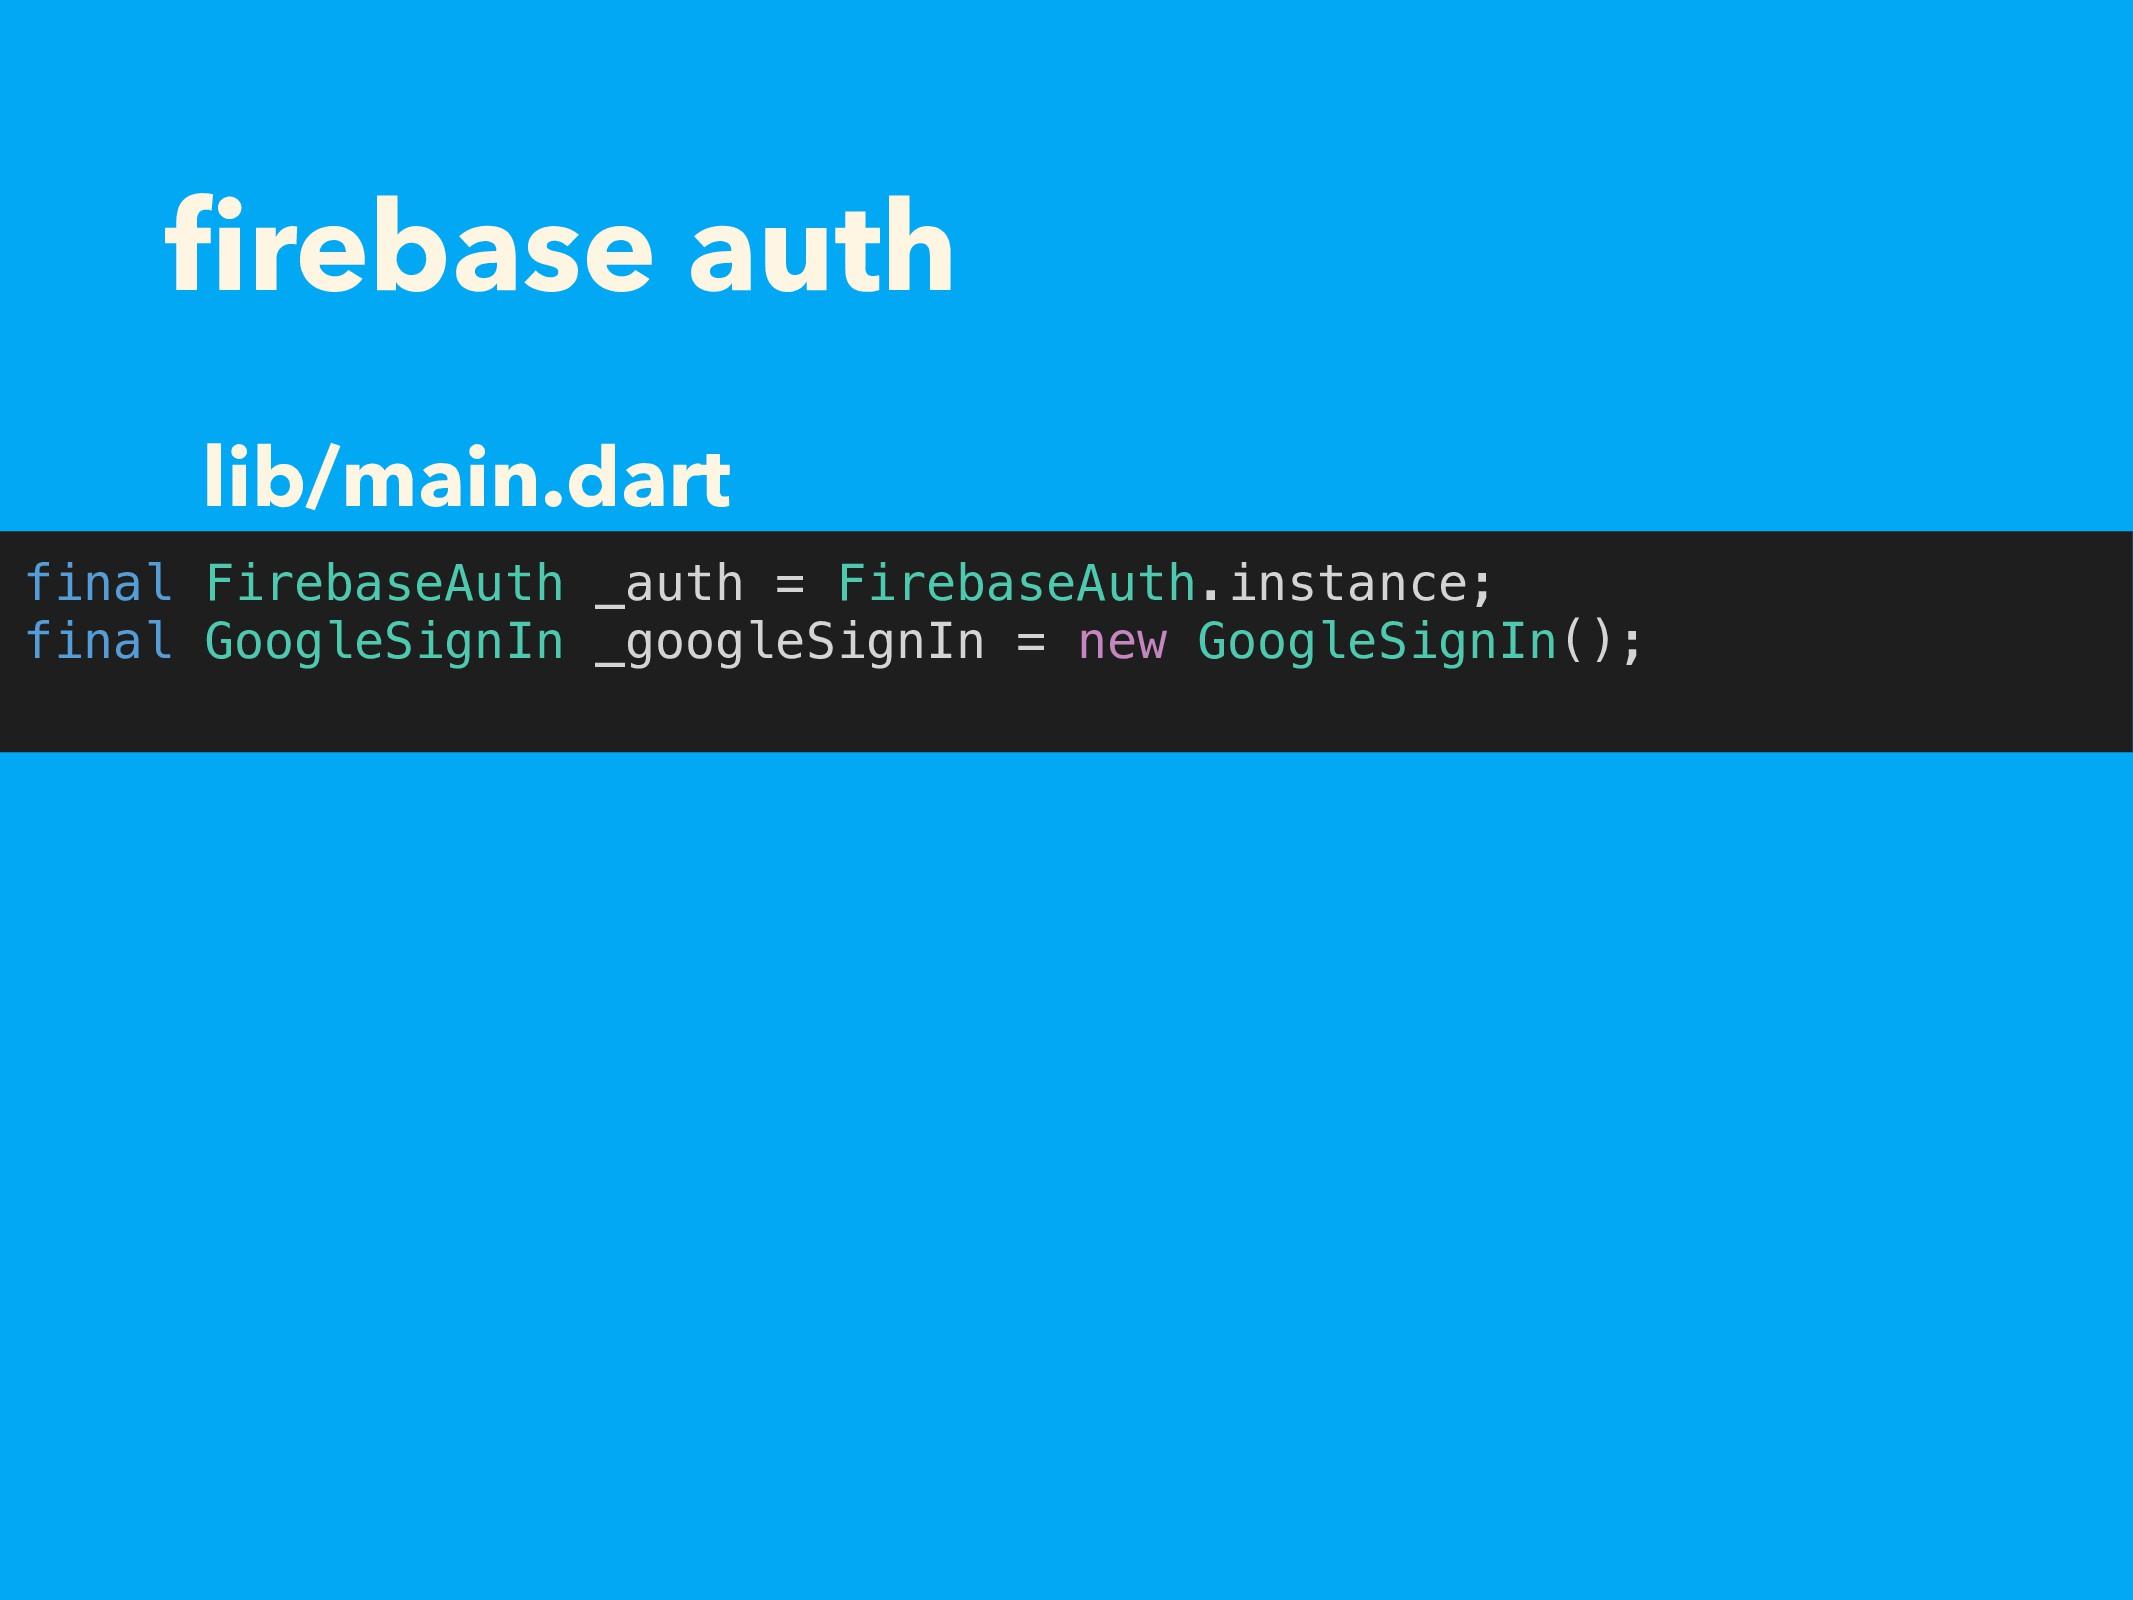 firebase auth final FirebaseAuth _auth = Firebas...